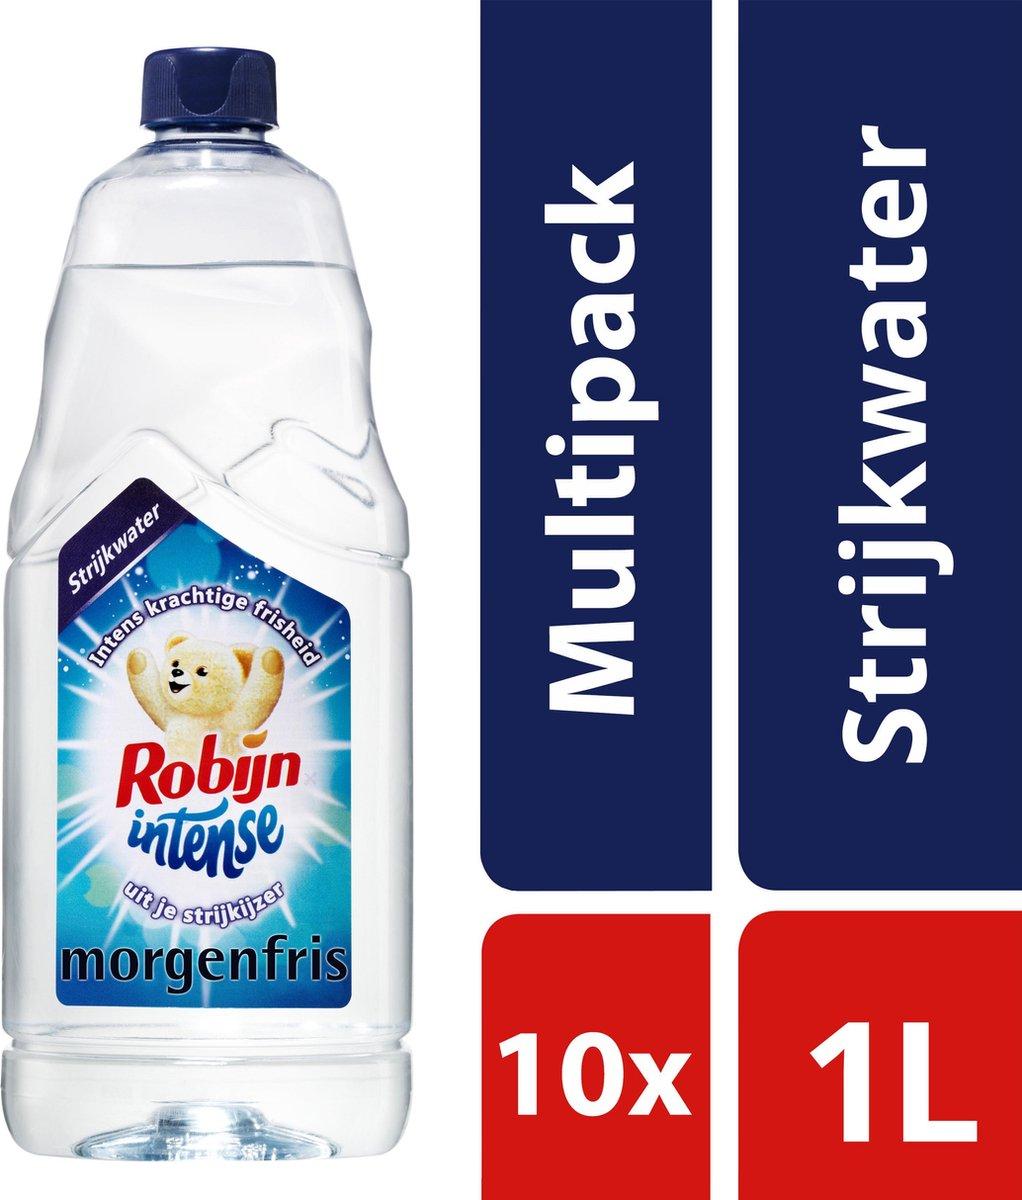 Robijn Intense Morgenfris Strijkwater - 10 x 1 L - Voordeelverpakking